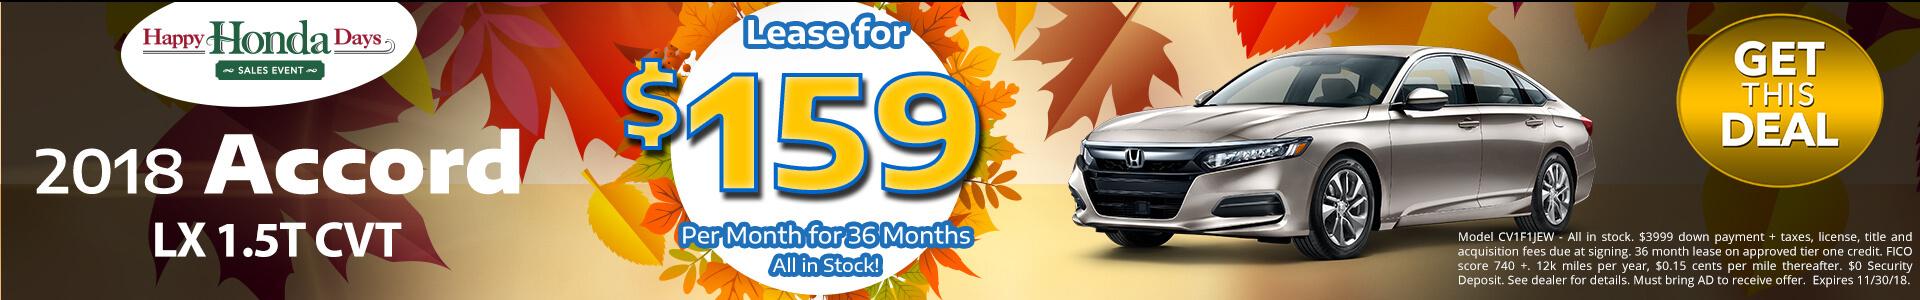 Honda Accord $159 Lease